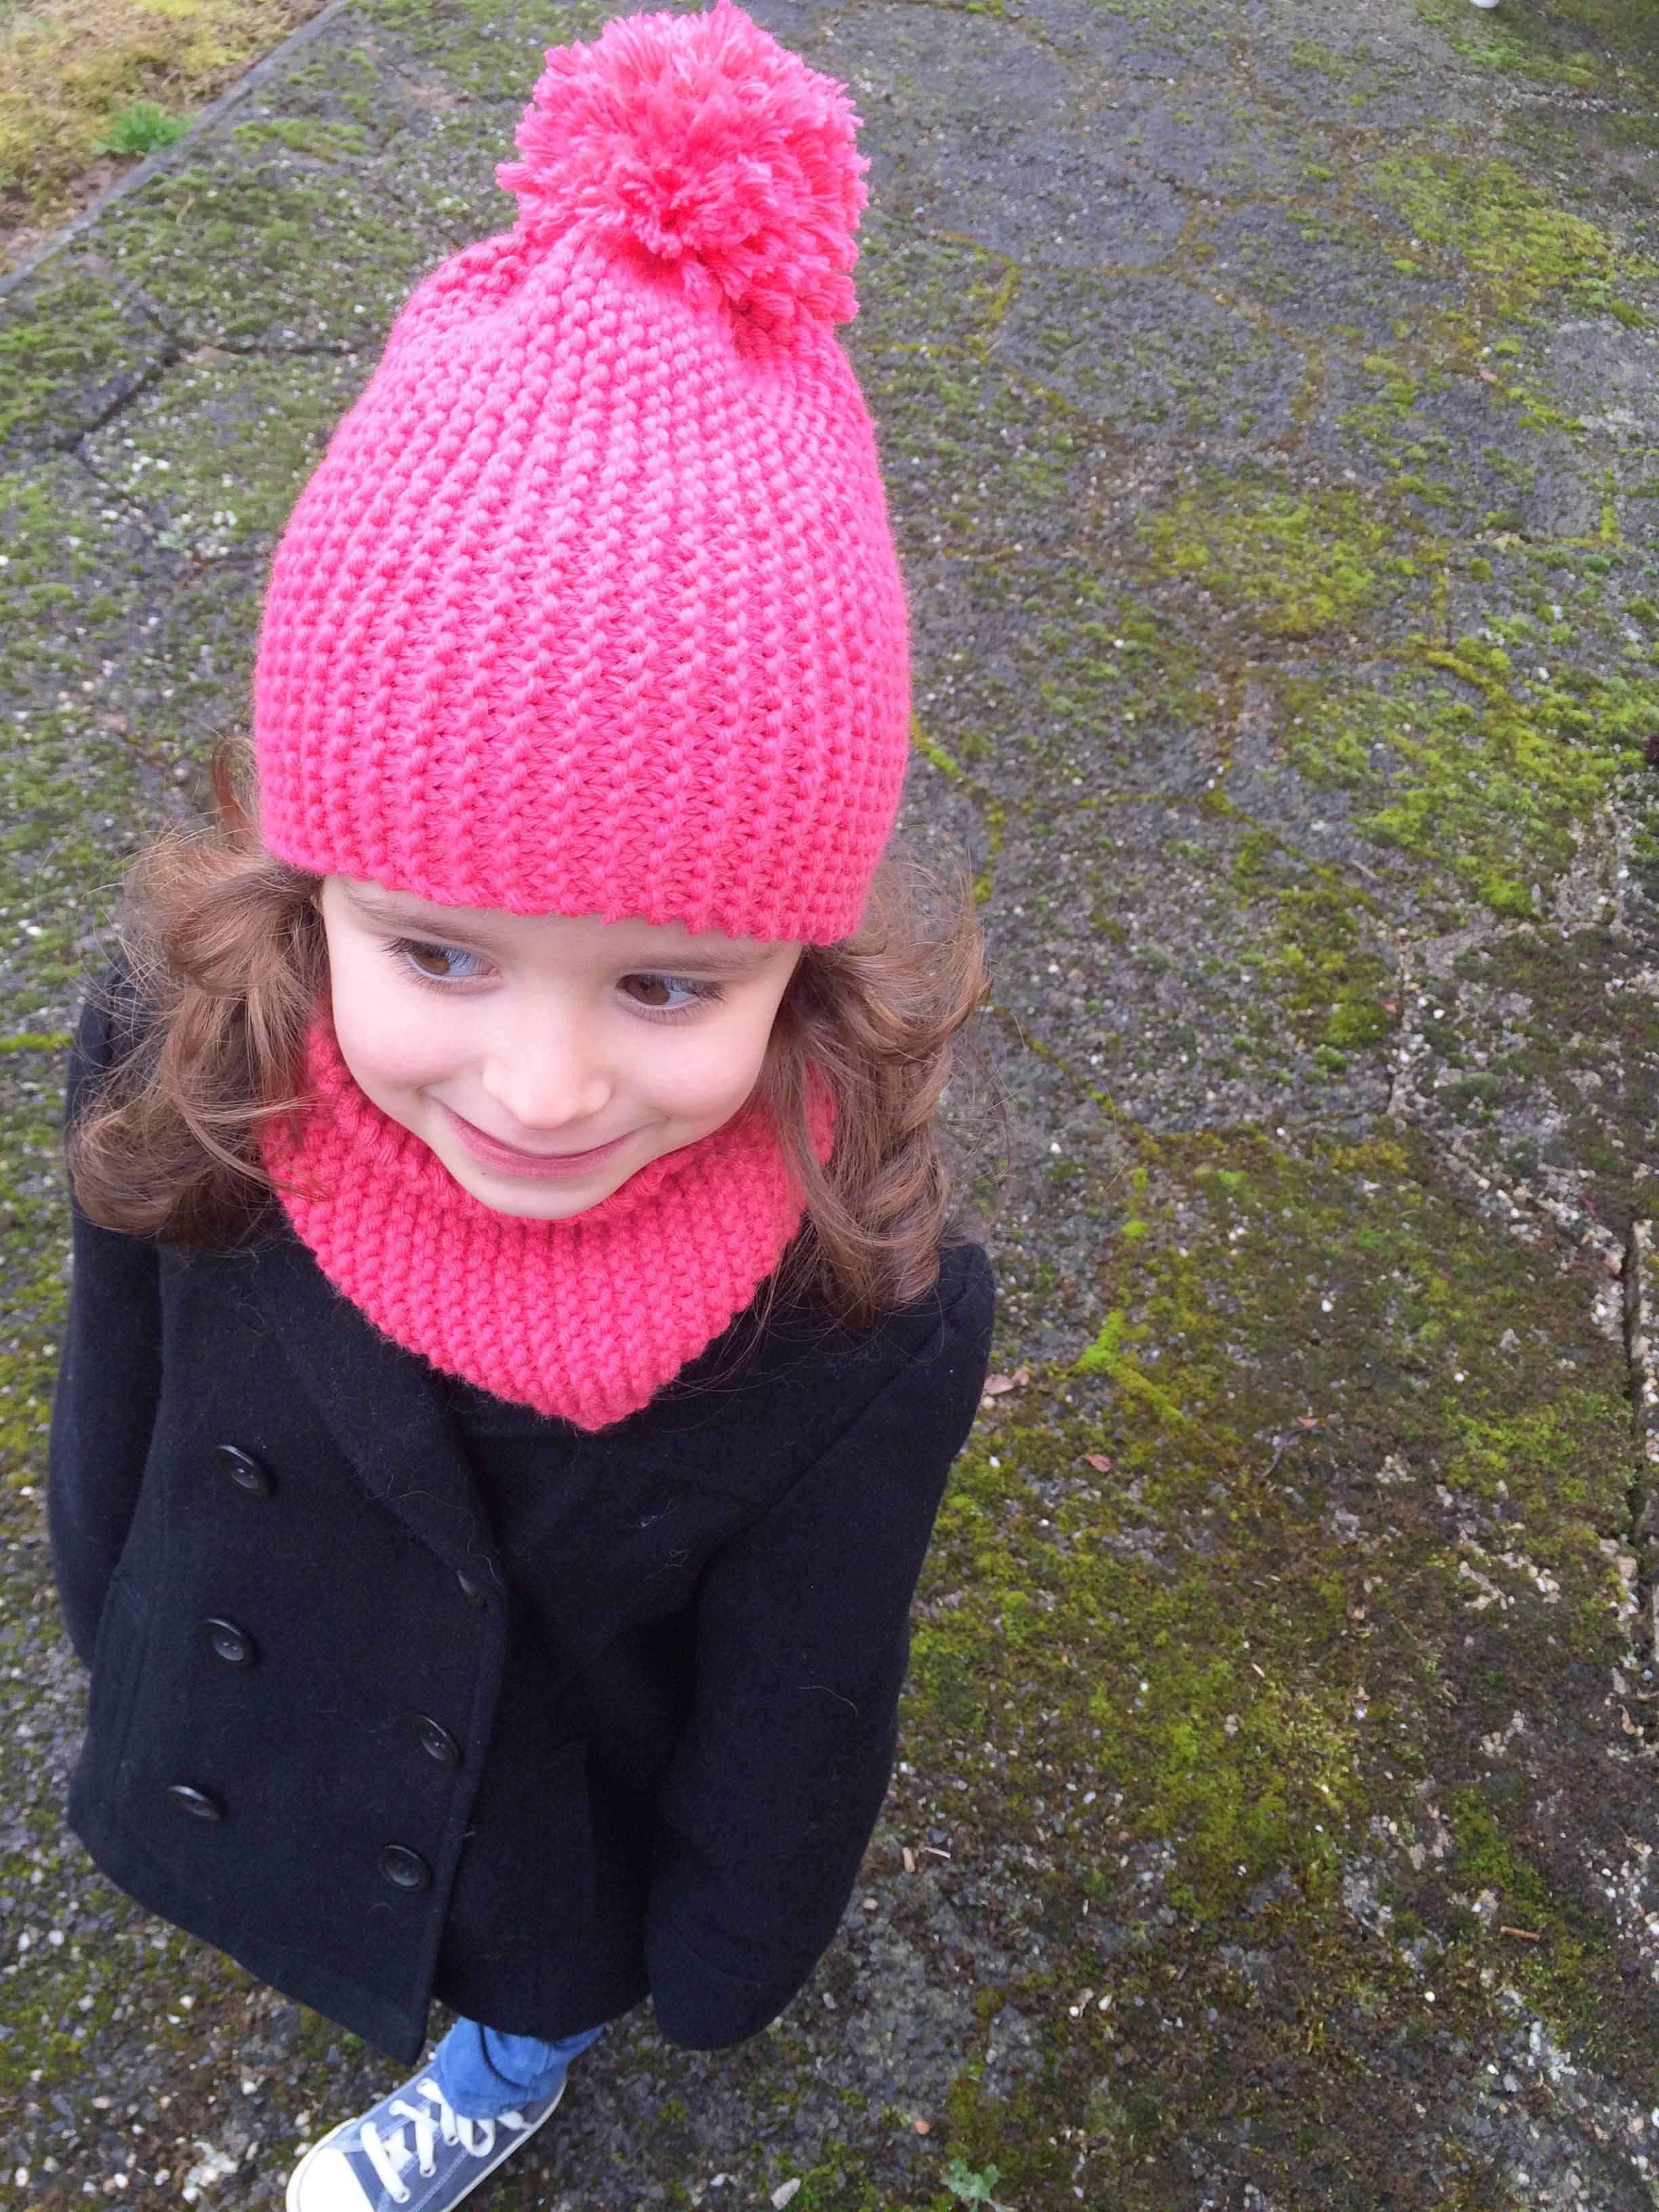 bcde7b4b22de Tricoter un bonnet point mousse - Idées de tricot gratuit